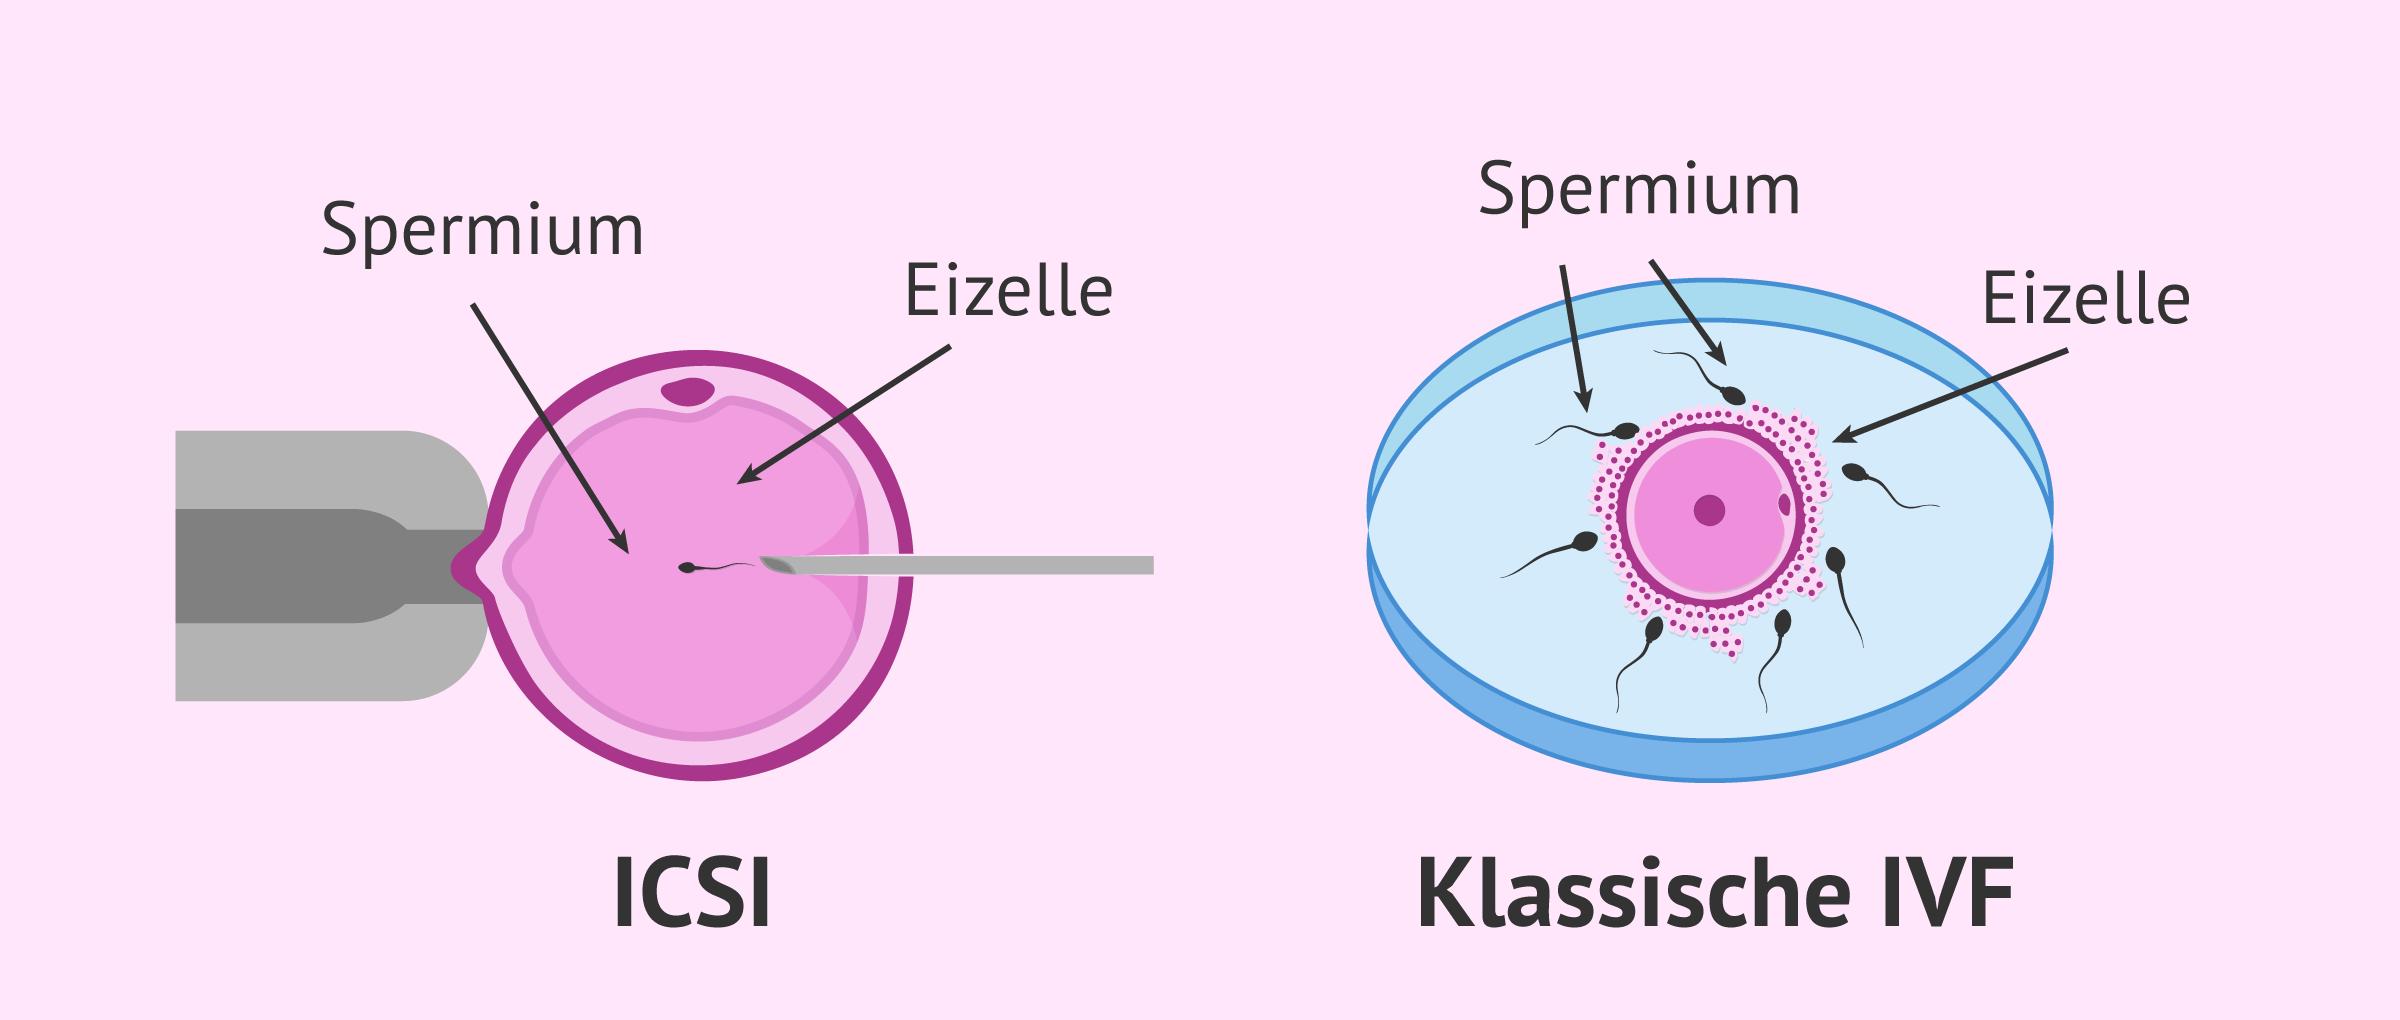 Intrazytoplasmatische Spermieninjektion (ICSI)